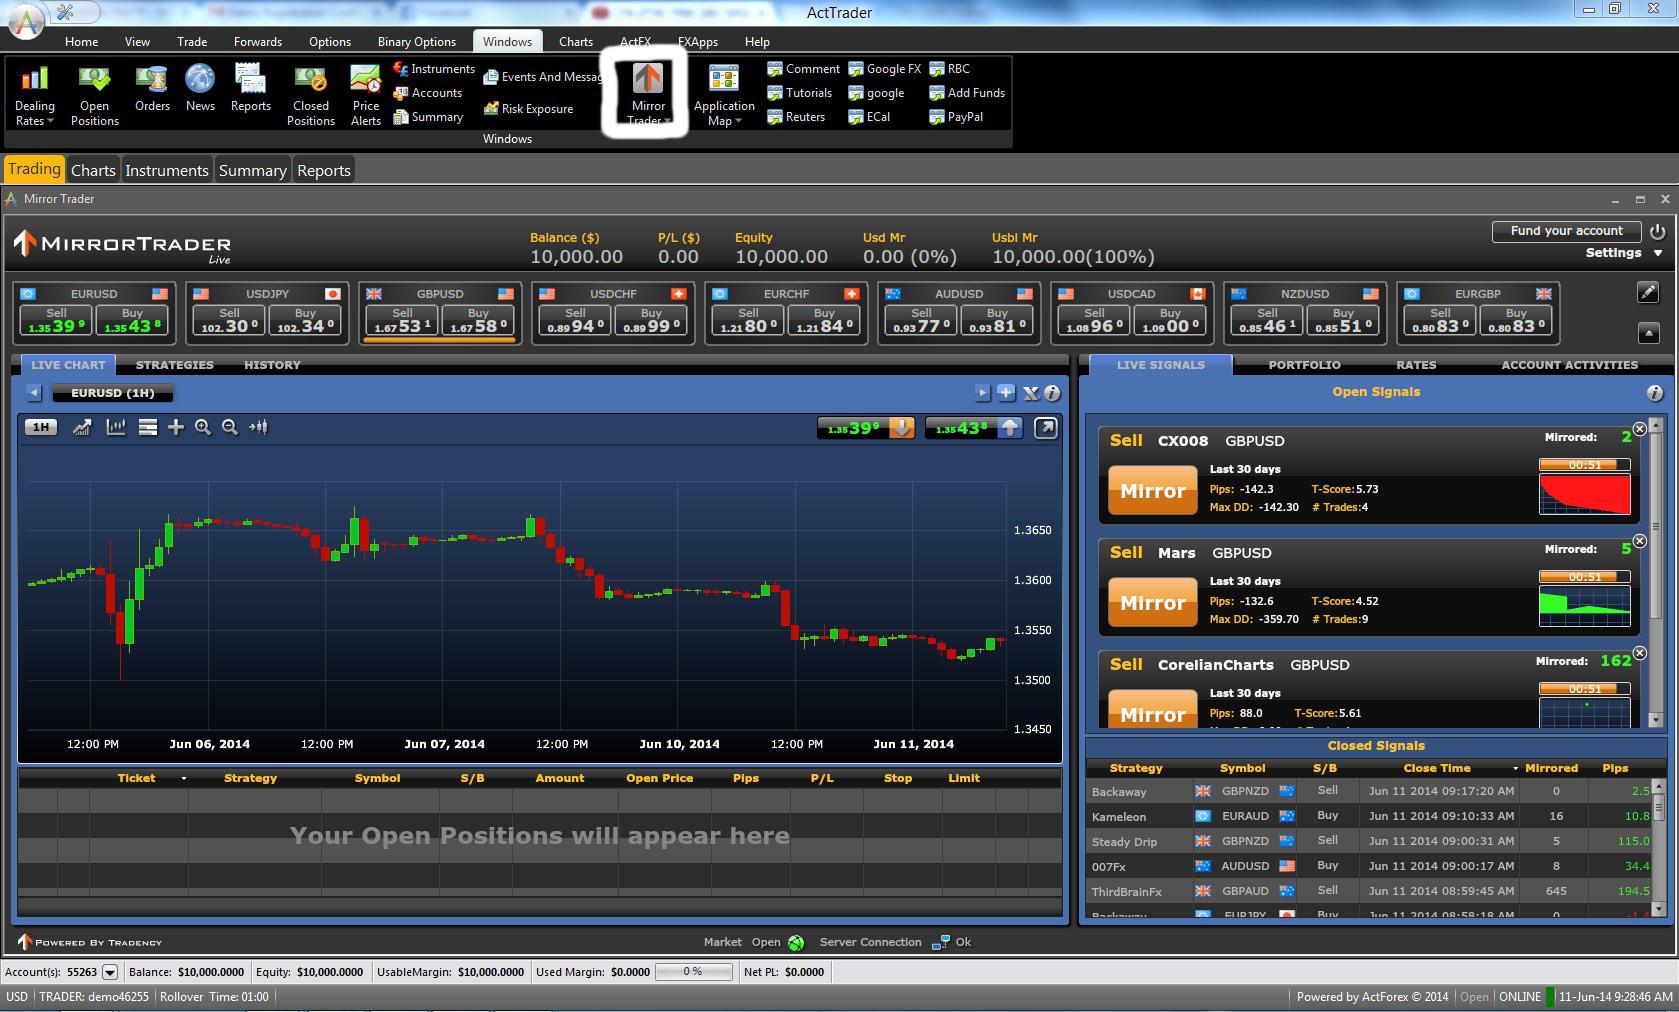 Act forex trading platform